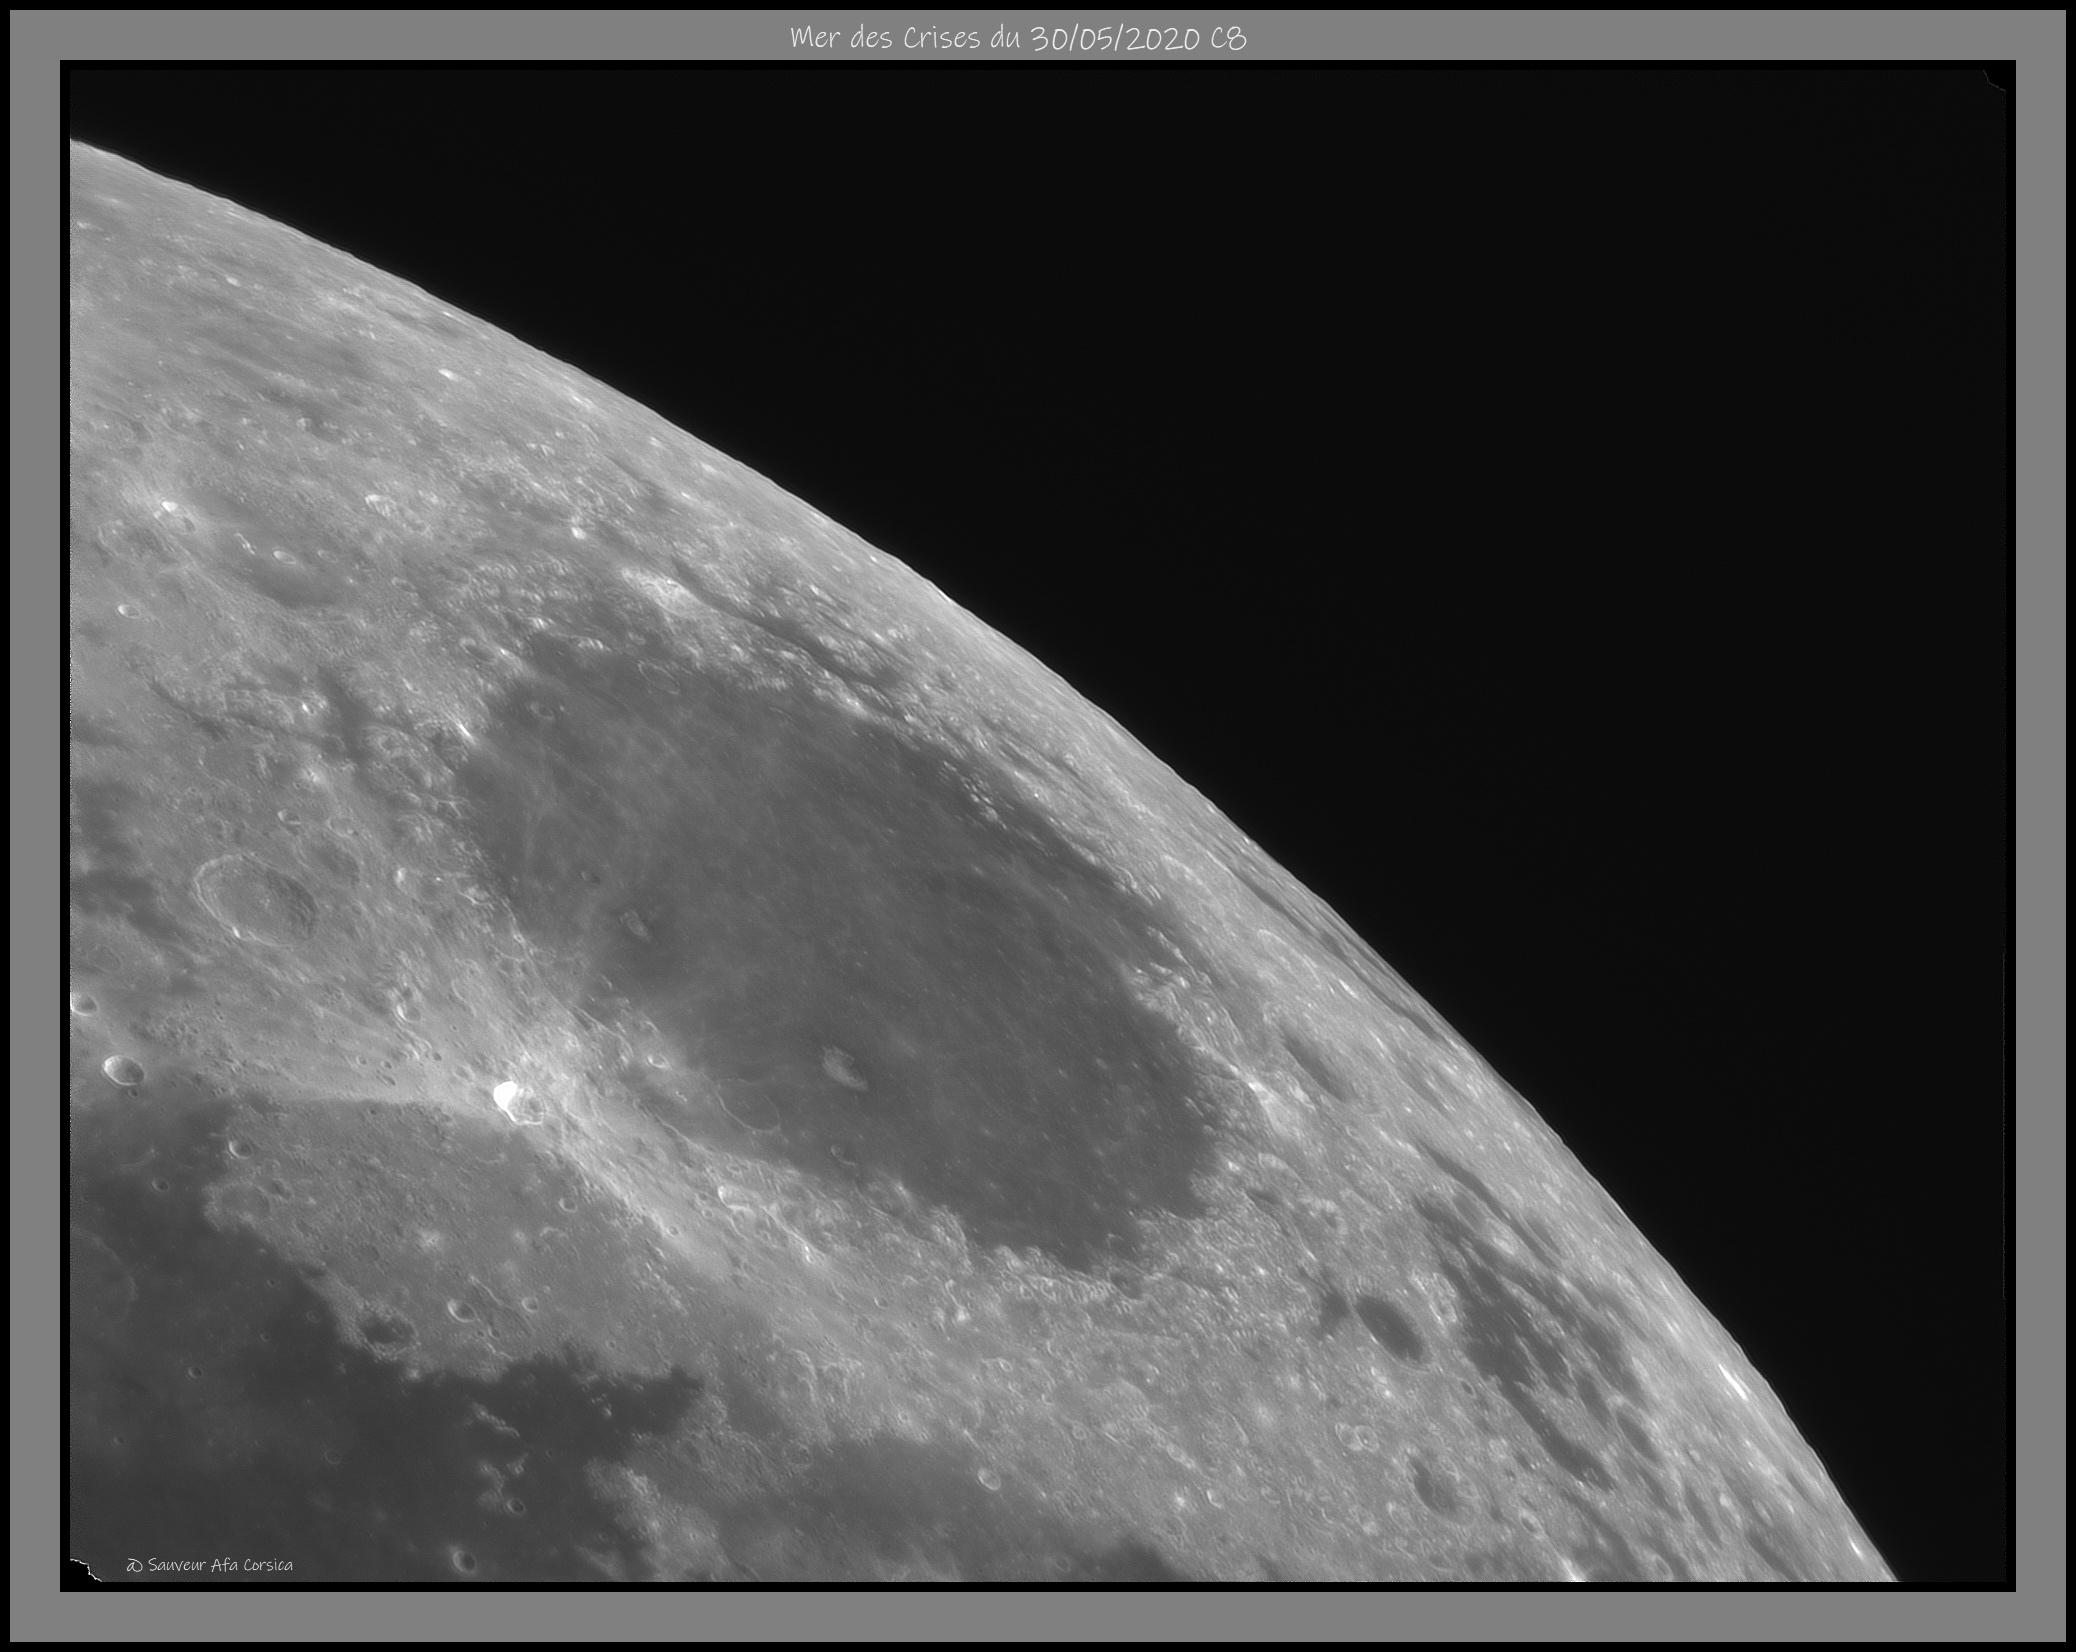 2020-05-30-1844_4-S-R_Lune C8 178MM R_lapl4_ap392.jpg